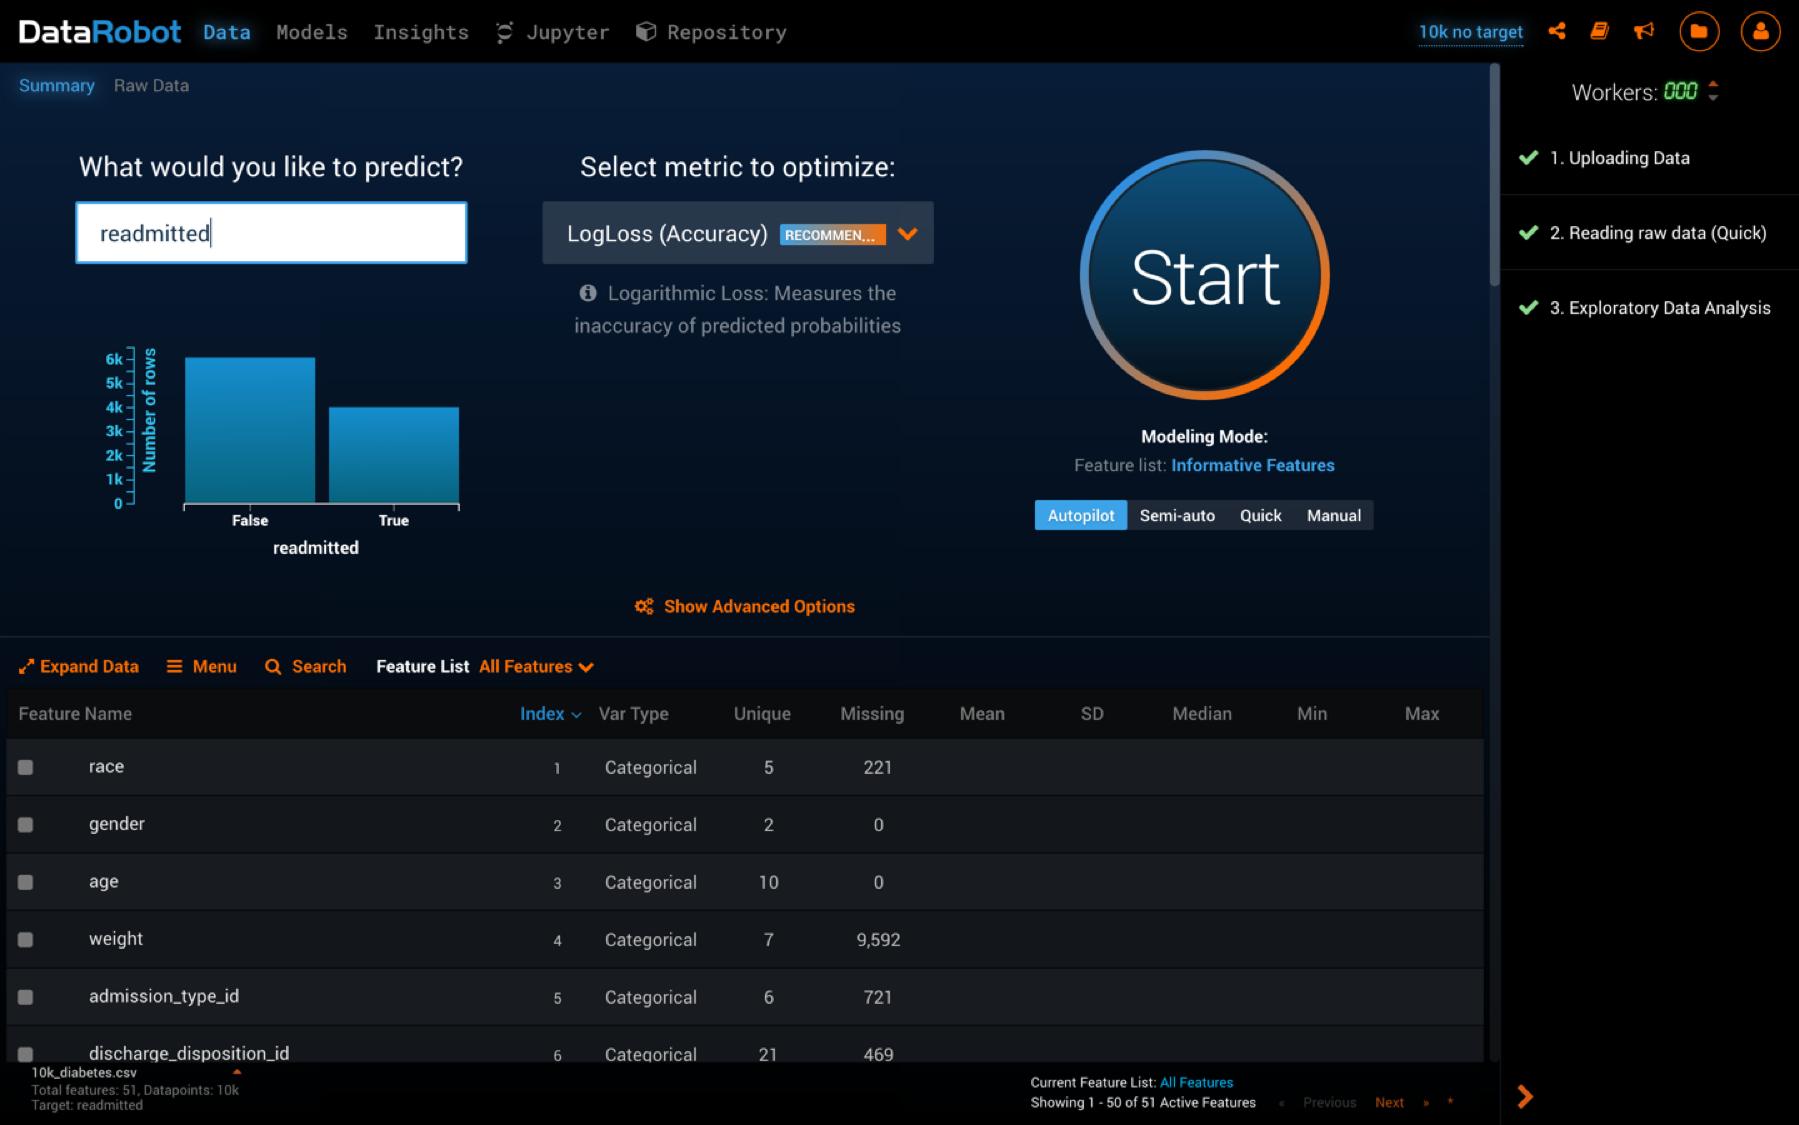 DataRobot Start Screen